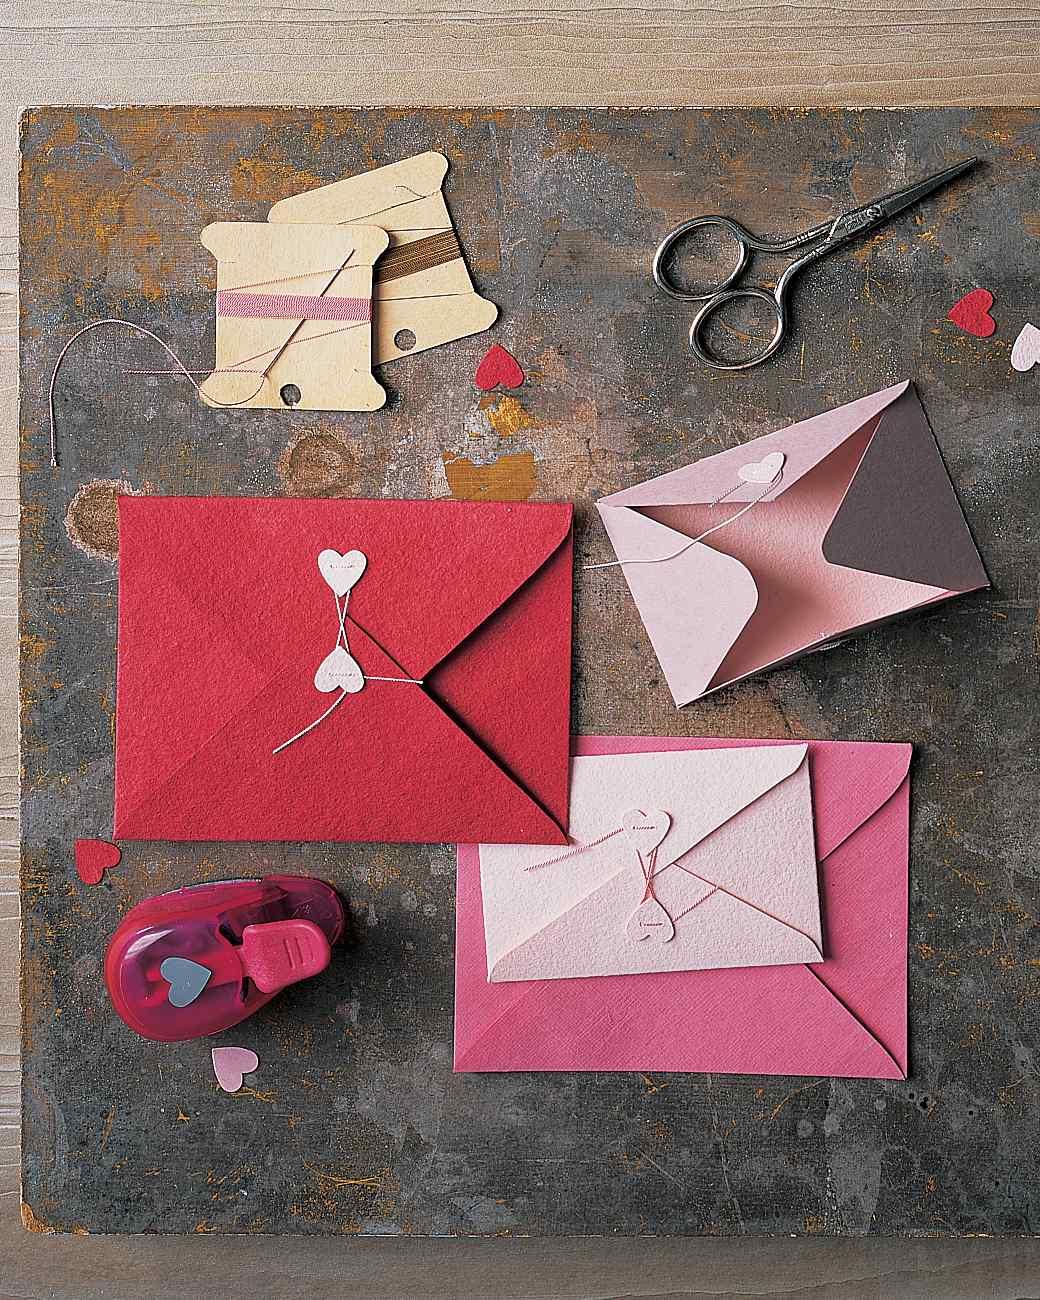 sobres decorativos para cartas de amor hechos a mano, sorpresas san valentin originales paso a paso